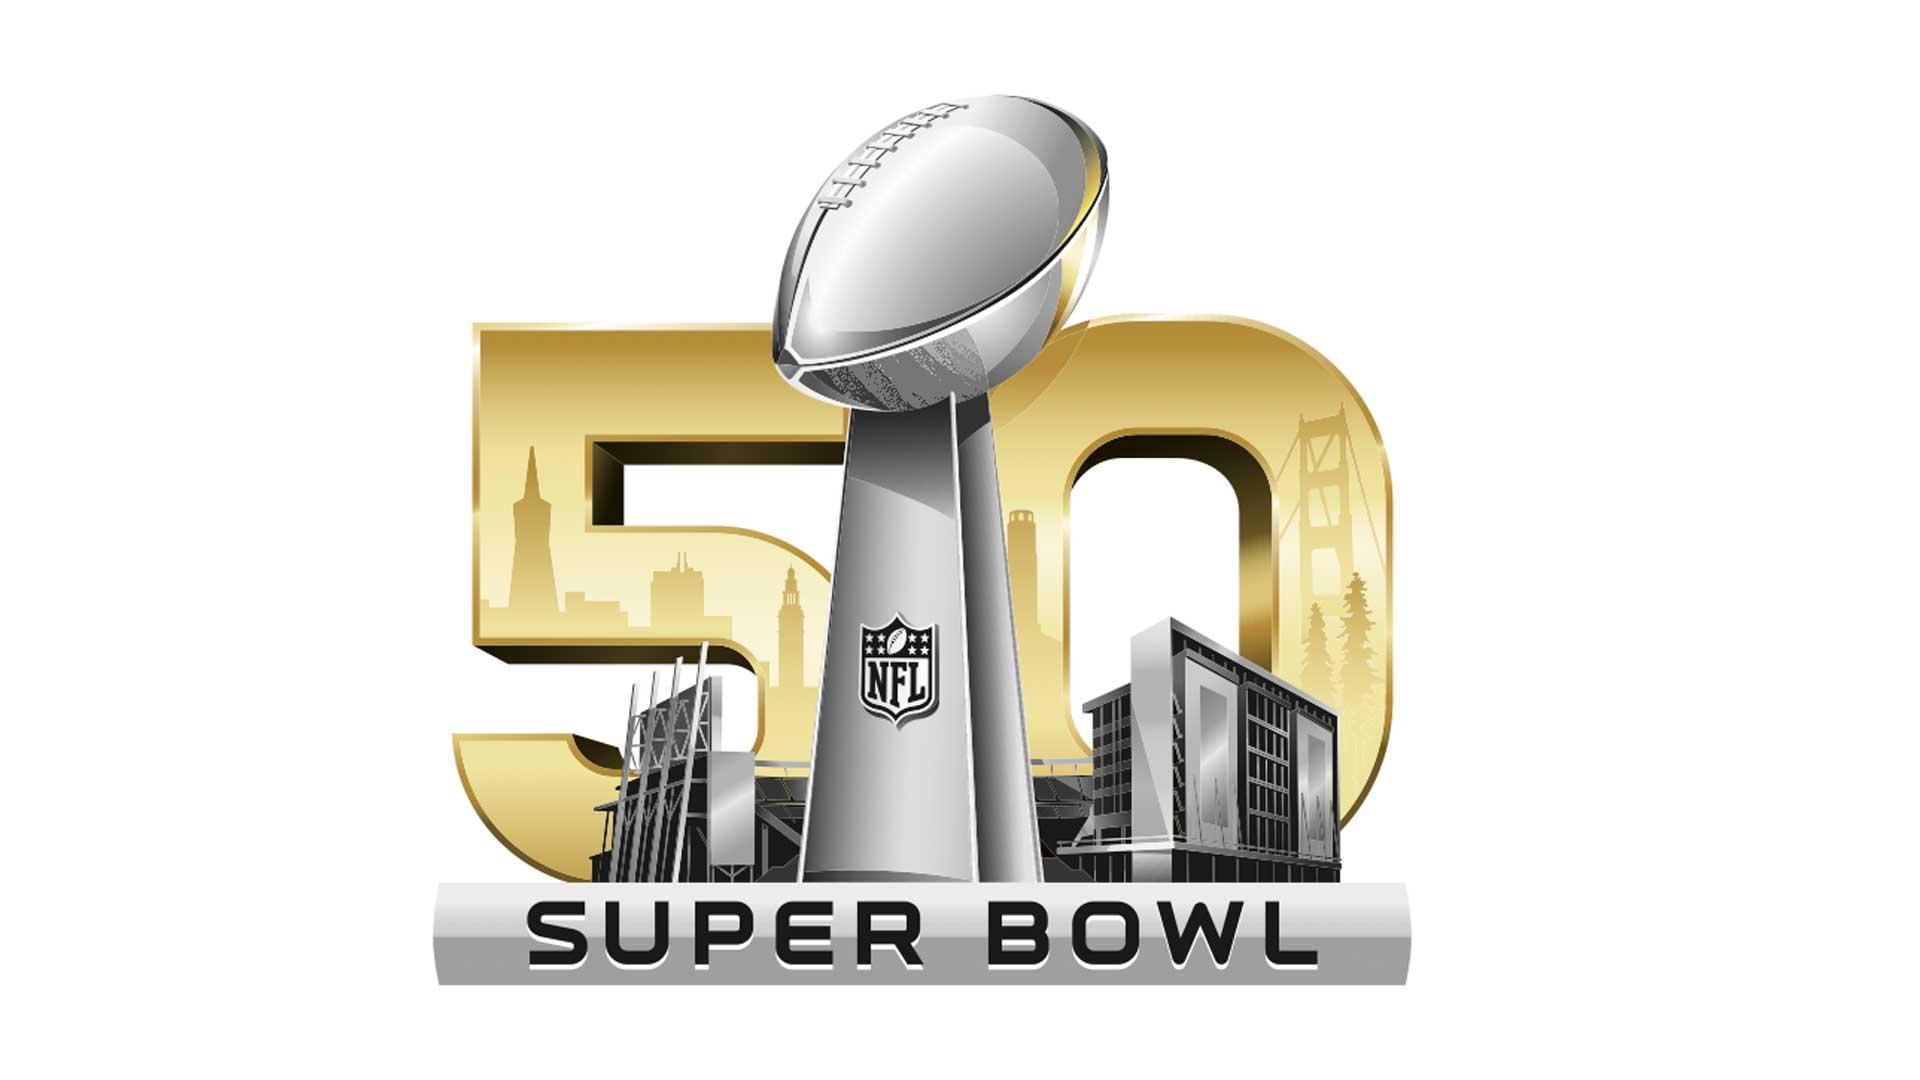 Background image 50 transparent - Jpg 1920x1080 Super Bowl 50 Transparent Background